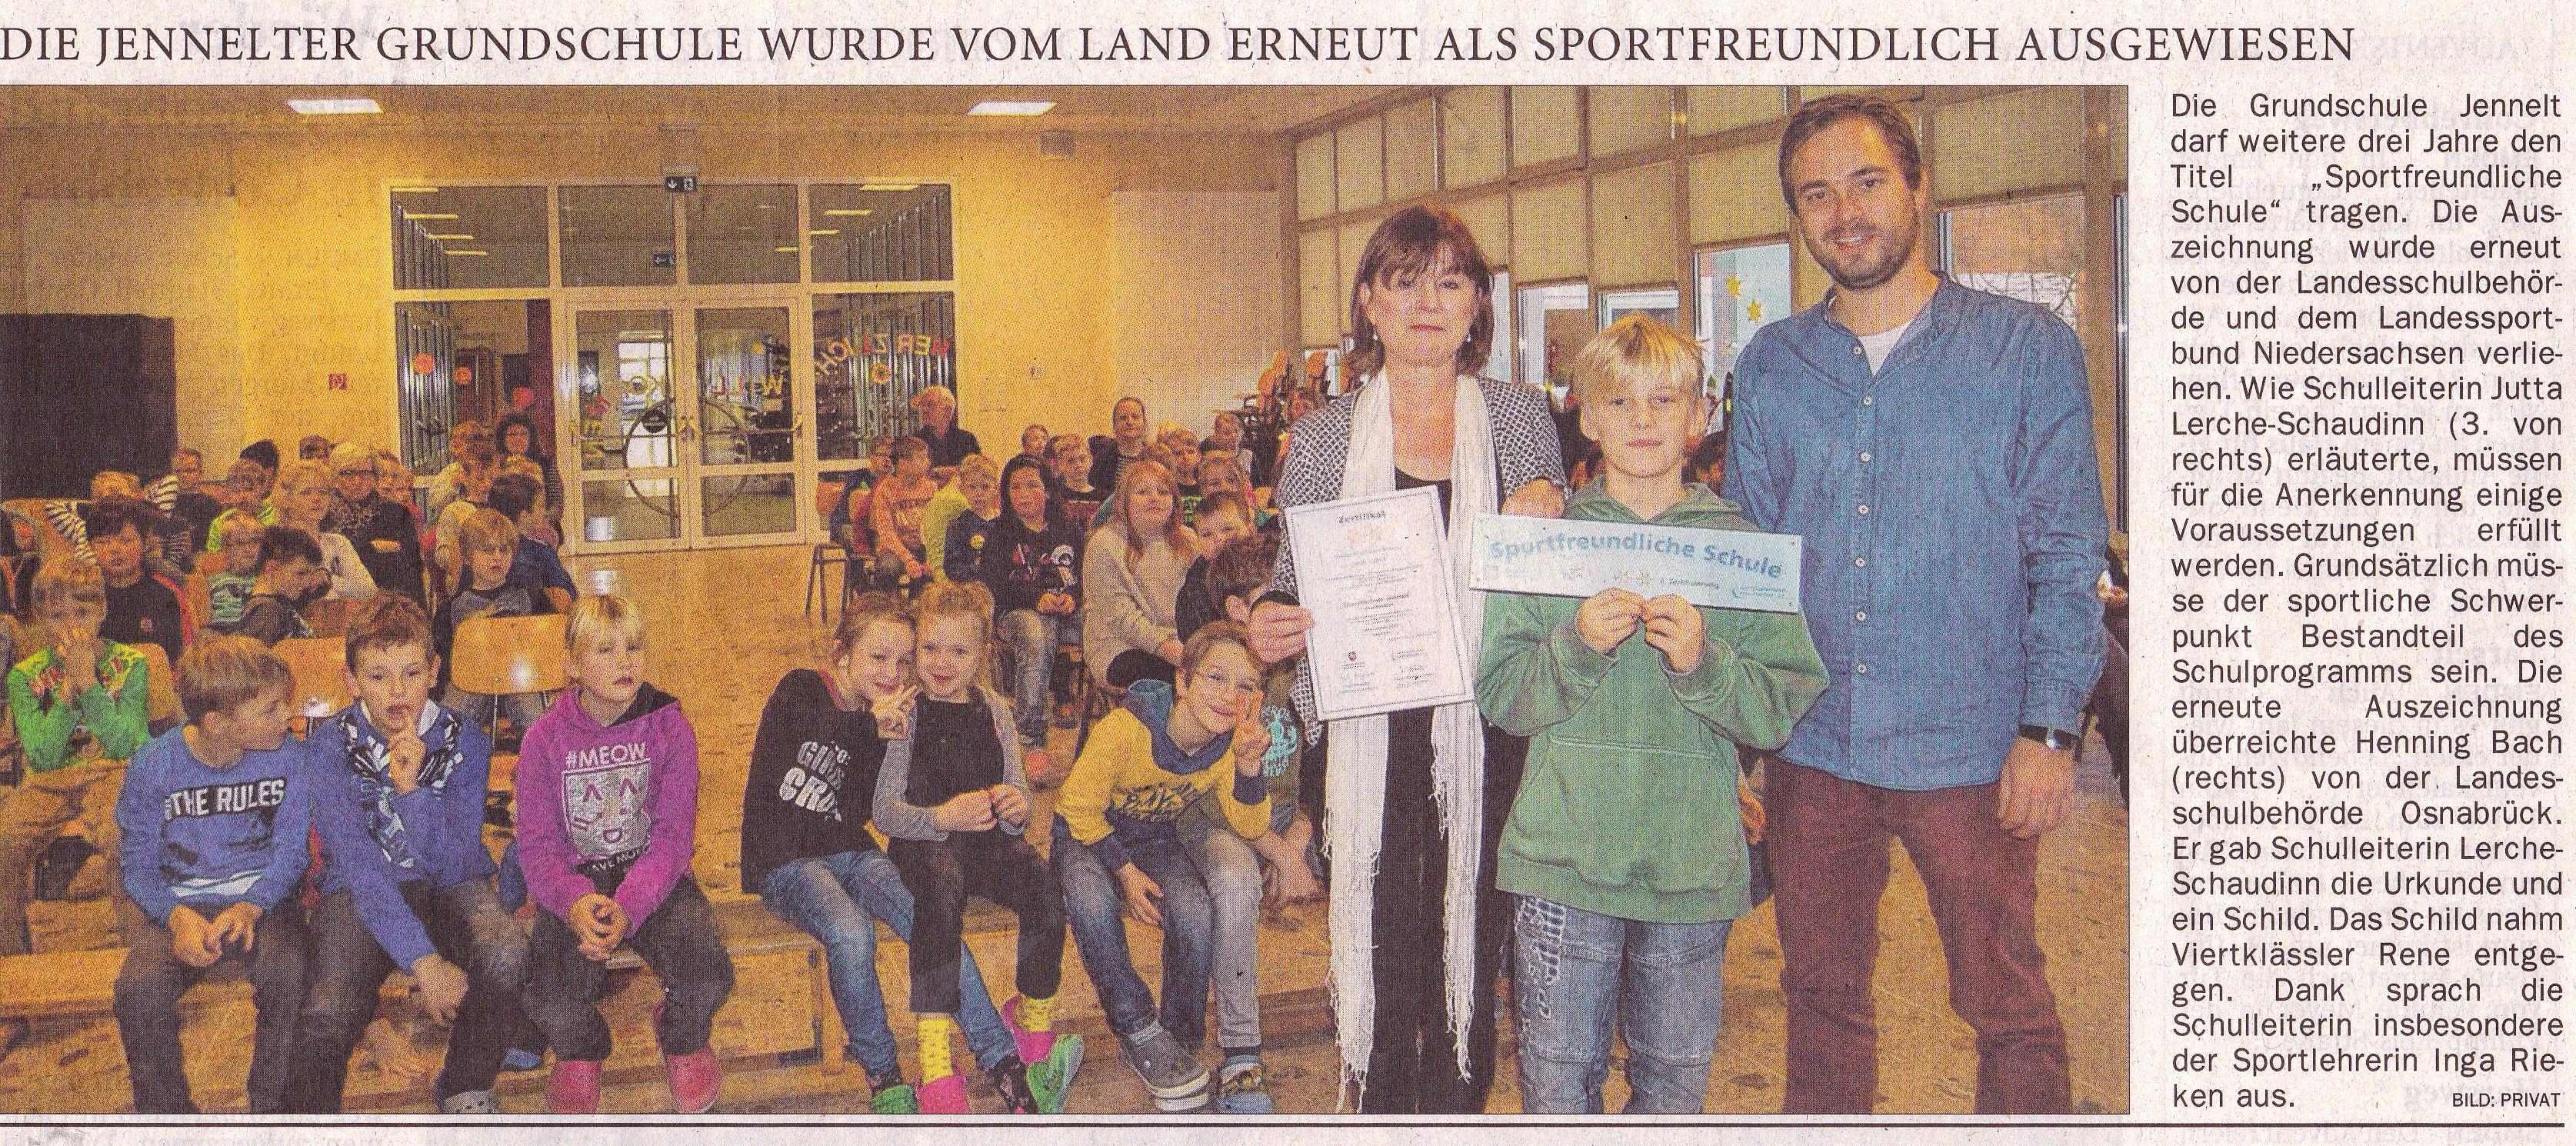 Ostfriesen-Zeitung 1.12.2016